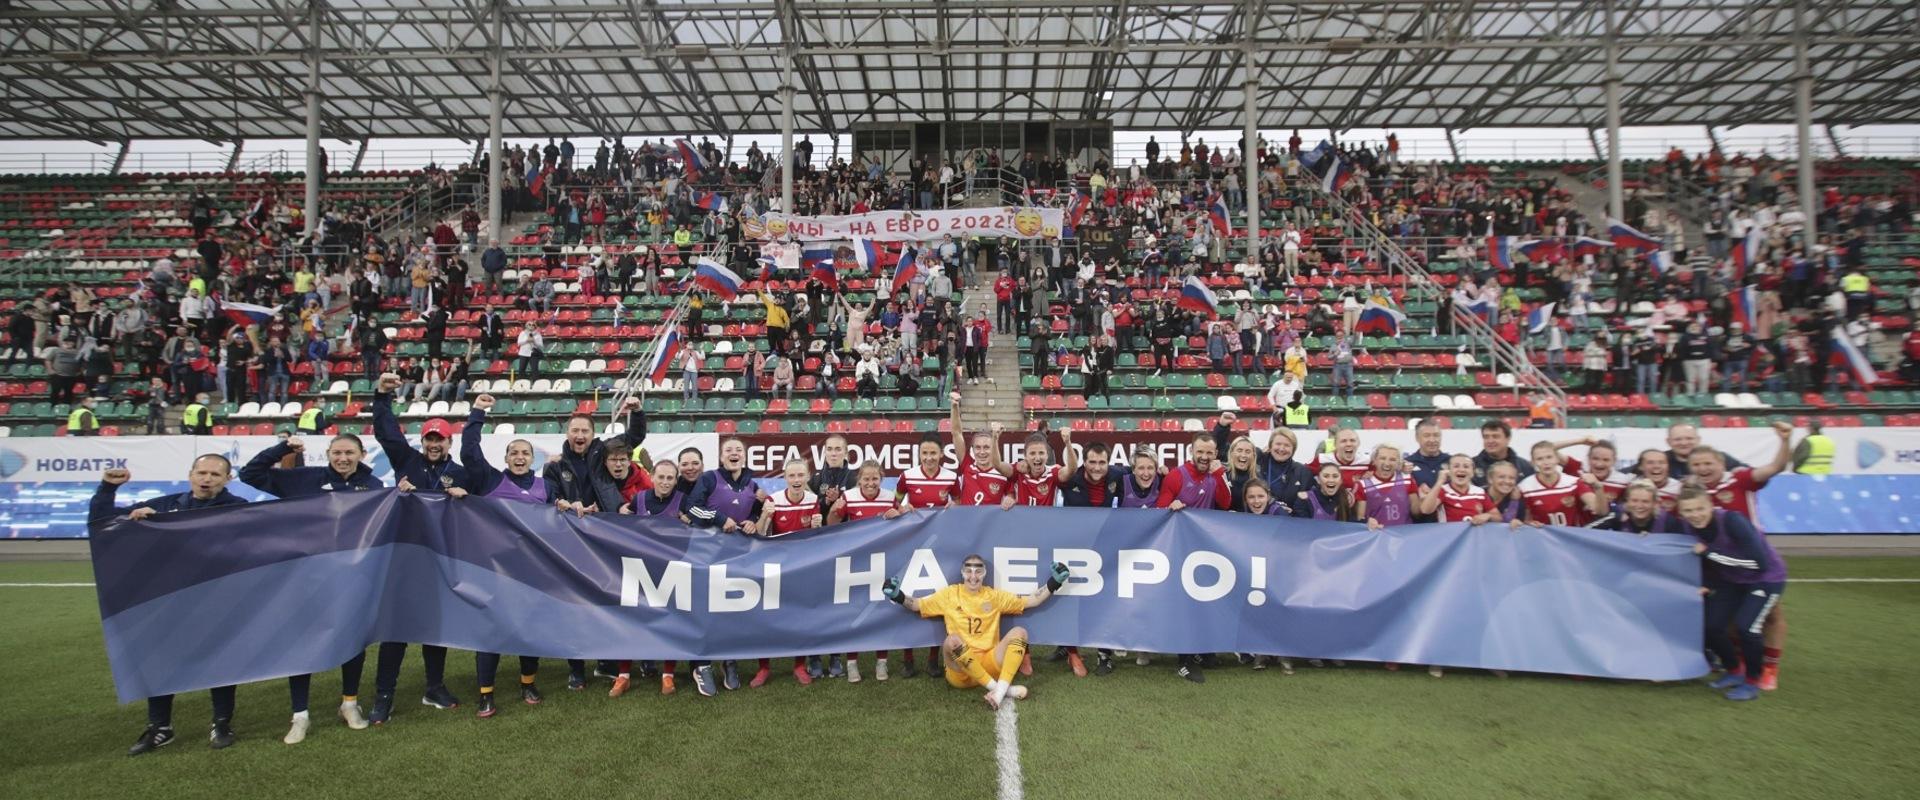 Сборная России - в финальной стадии ЕВРО!